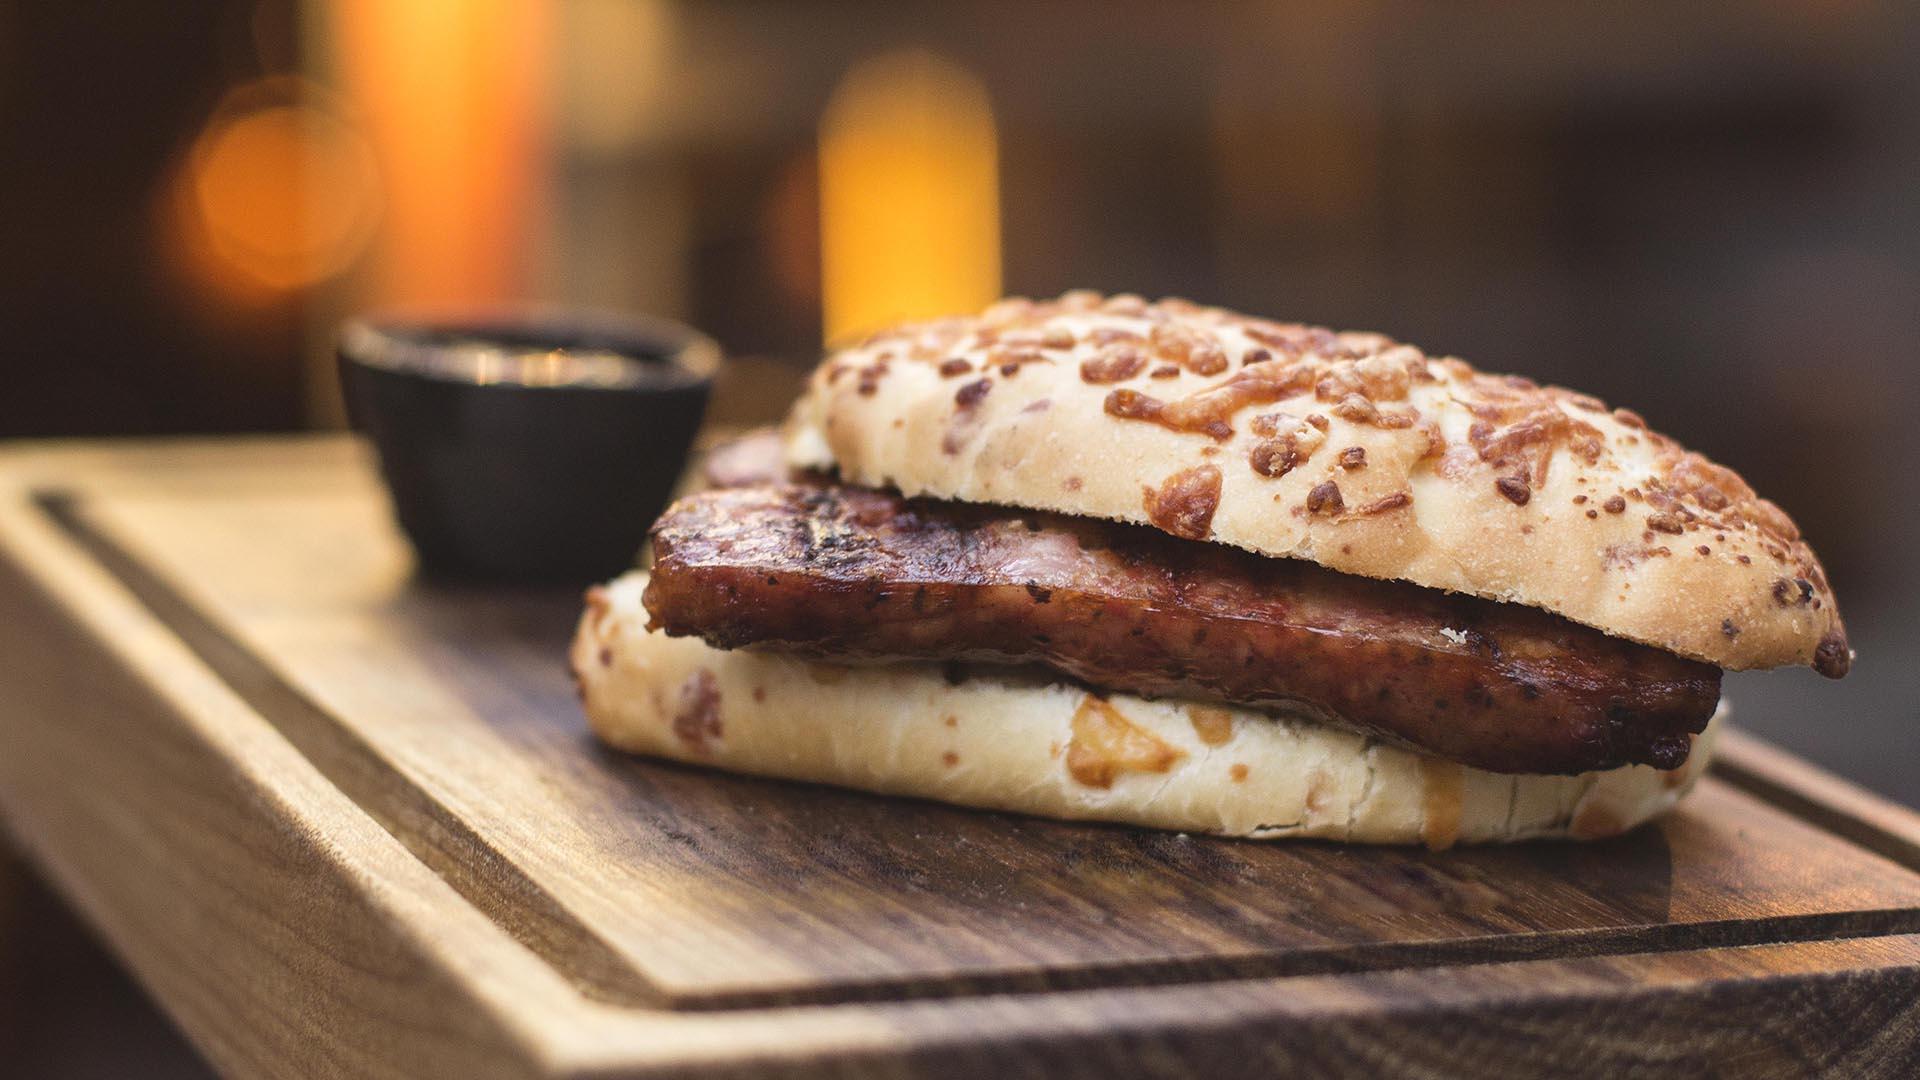 Es un sándwich de chorizo casero en pan de queso con dip de salsa criolla o chimichurri